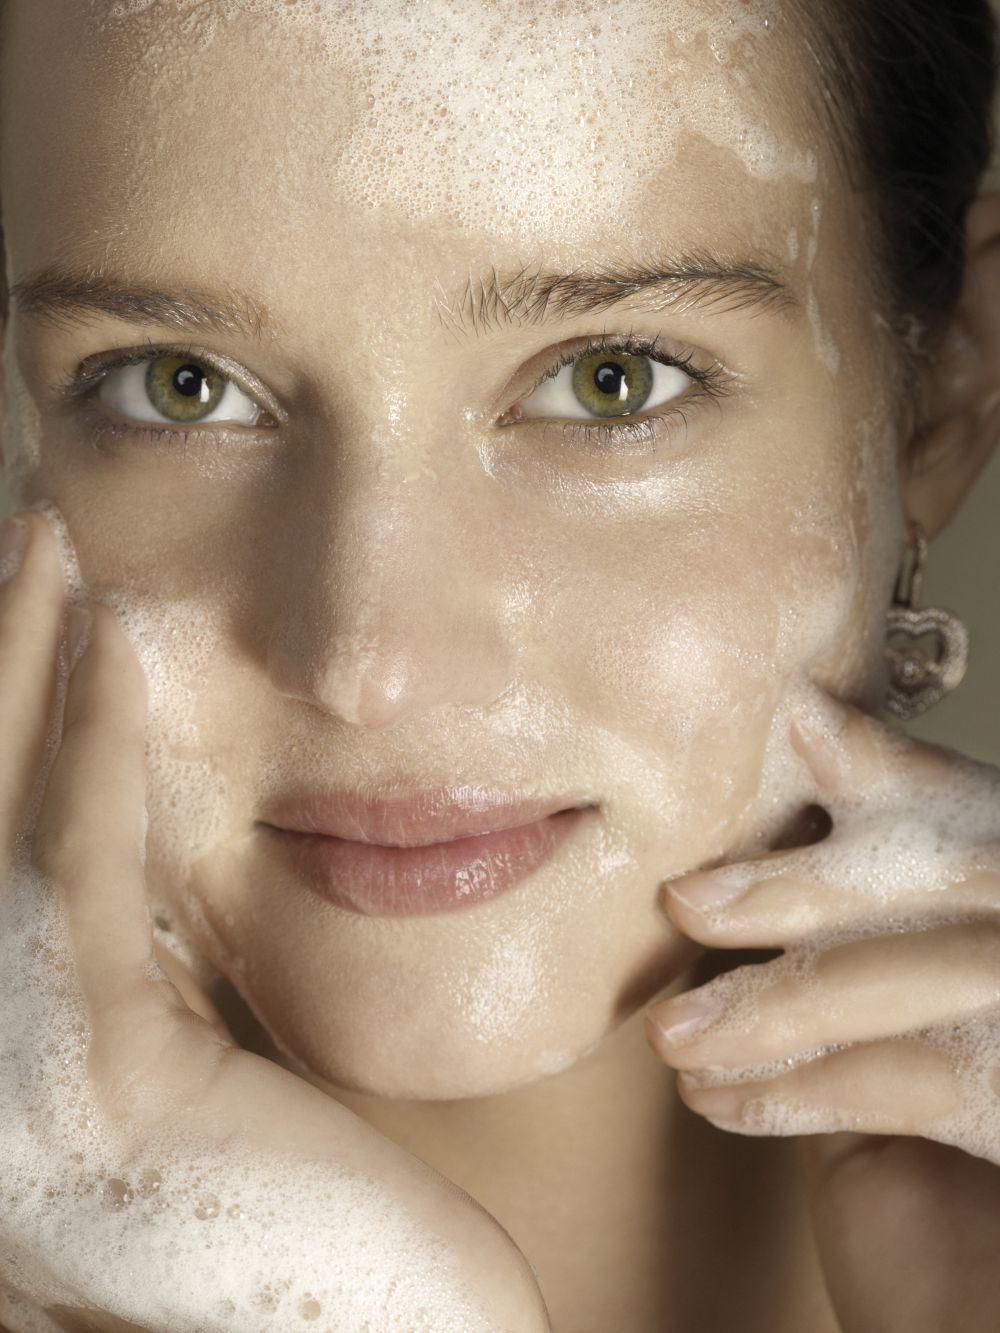 La doble limpieza es fundamental día y noche para una piel limpia en...